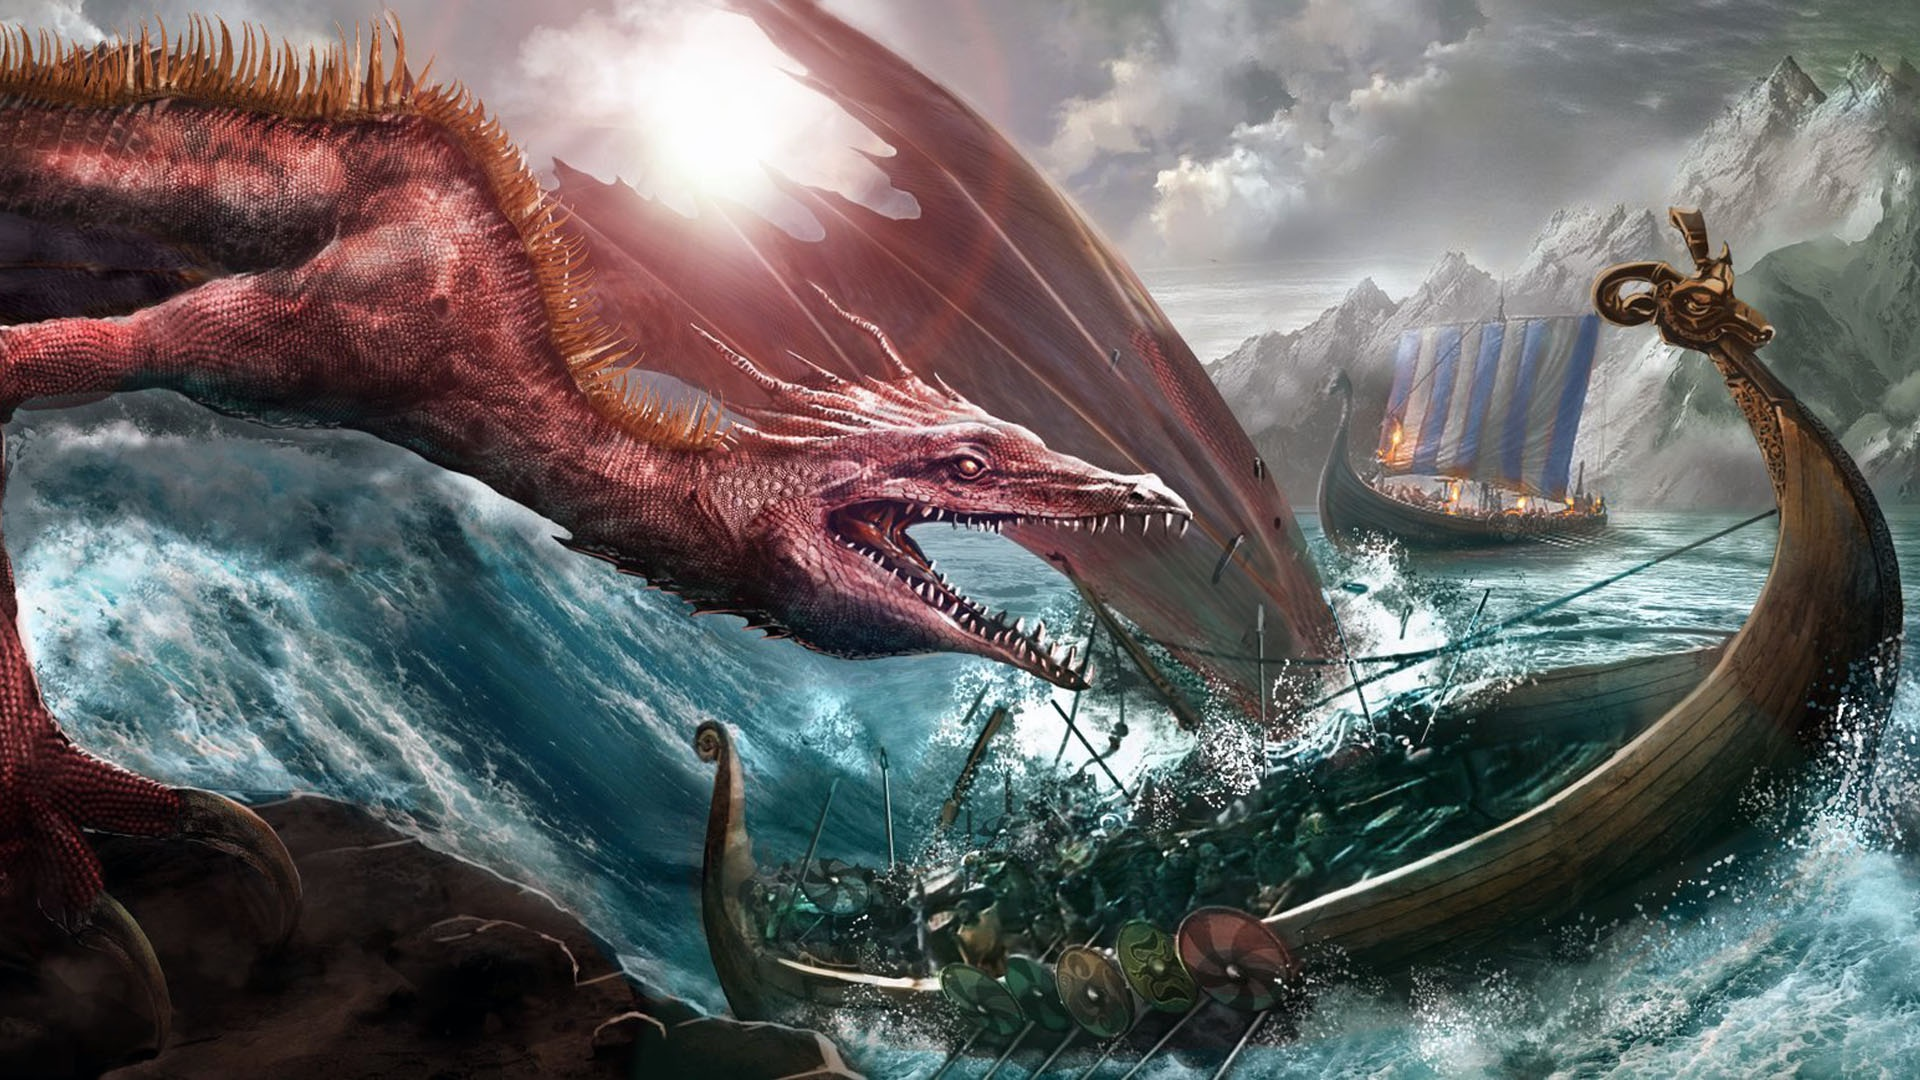 Boat Dragon Drakkar Viking 1920x1080